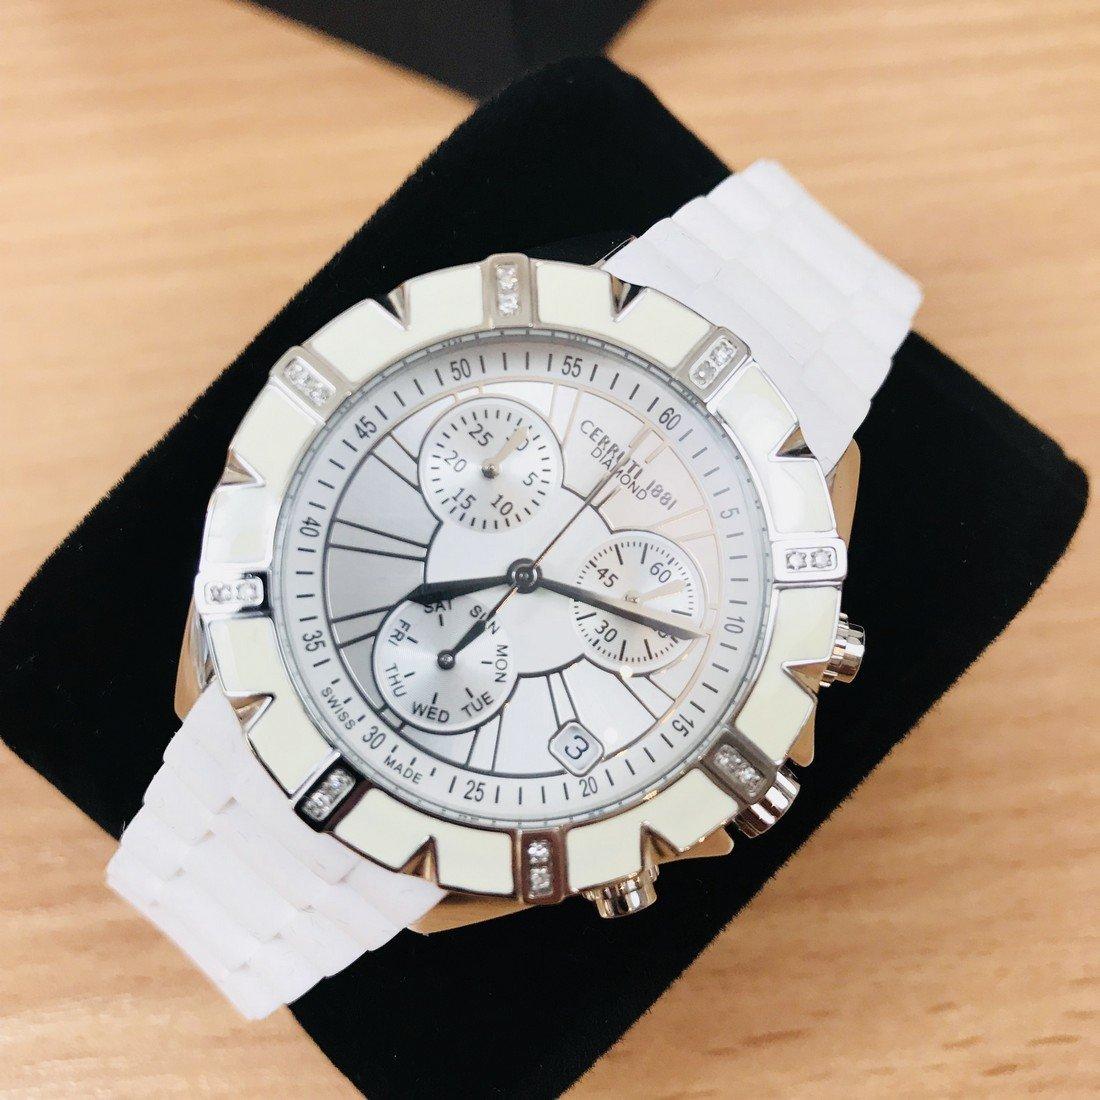 Cerruti – Ladies Swiss Luxury Watch with Swarovski